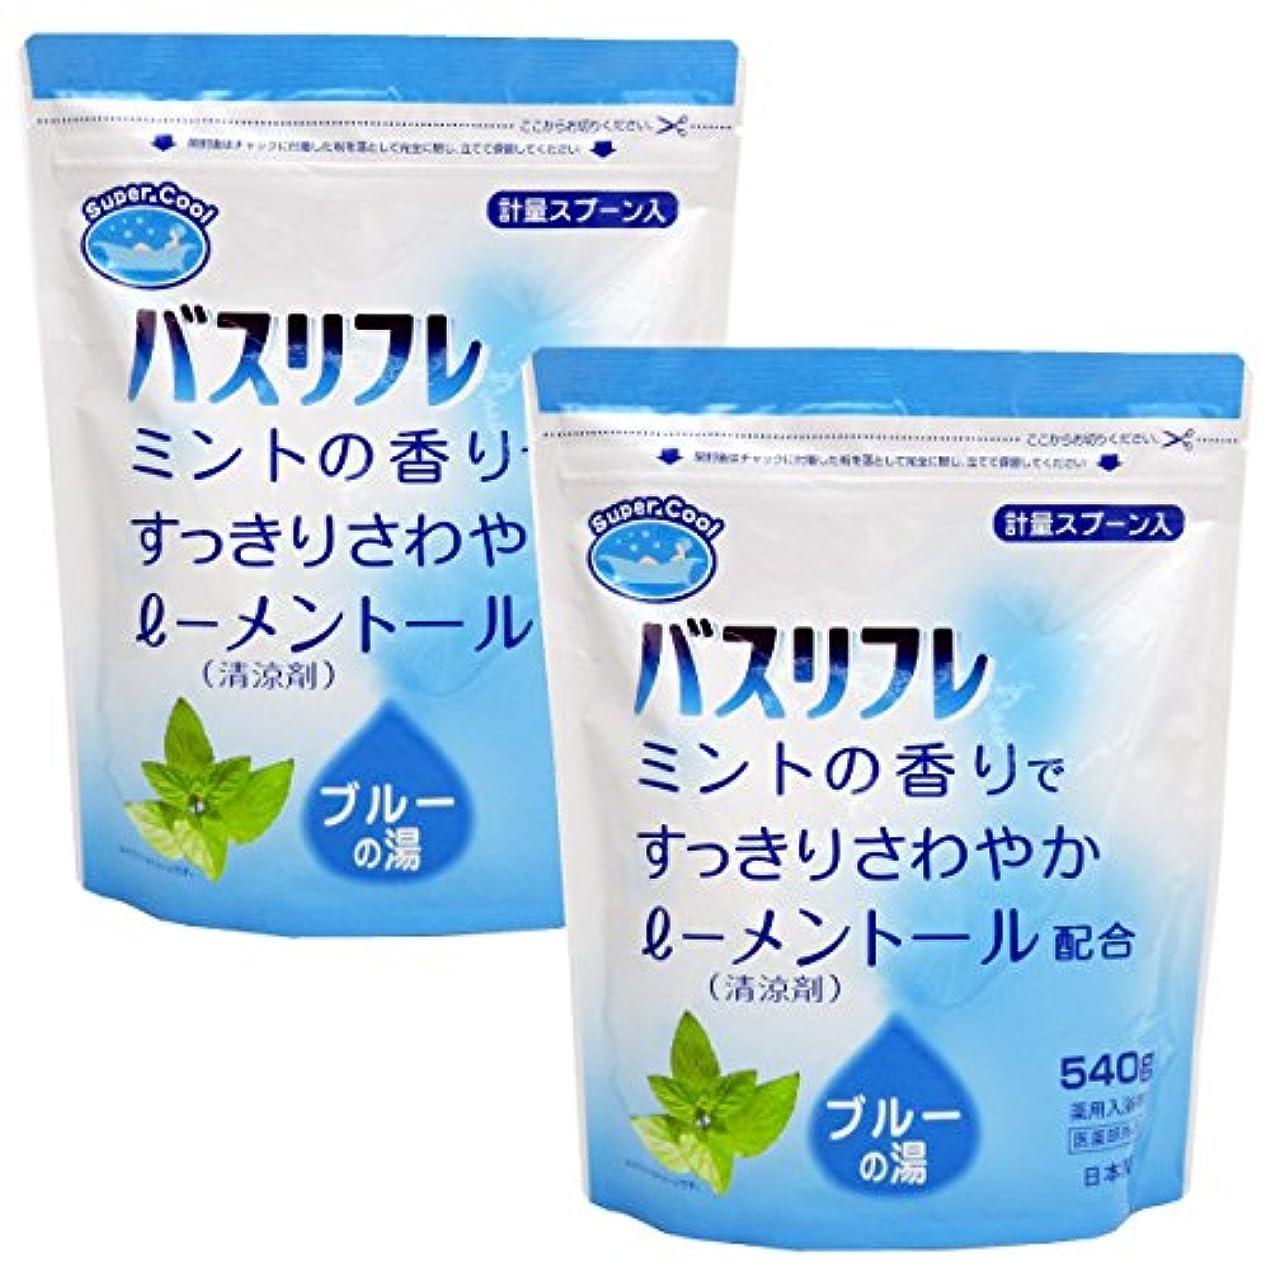 疎外する白雪姫理論入浴剤 クール 薬用入浴剤 バスリフレ スーパークール540g×2個セット 日本製